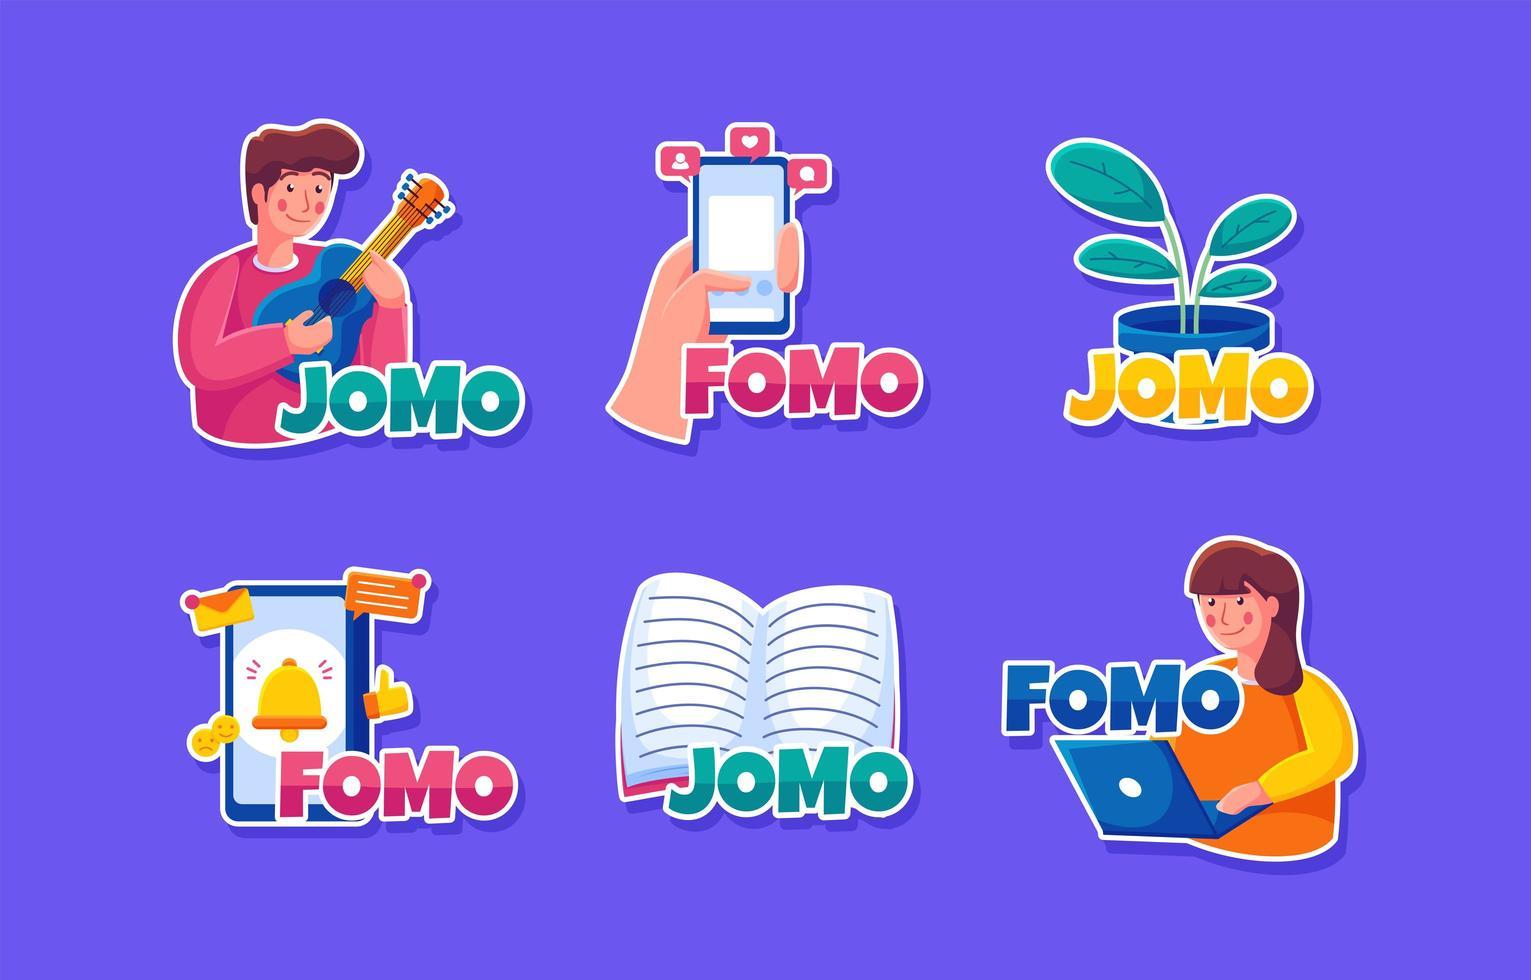 fomo en jomo stickers vector